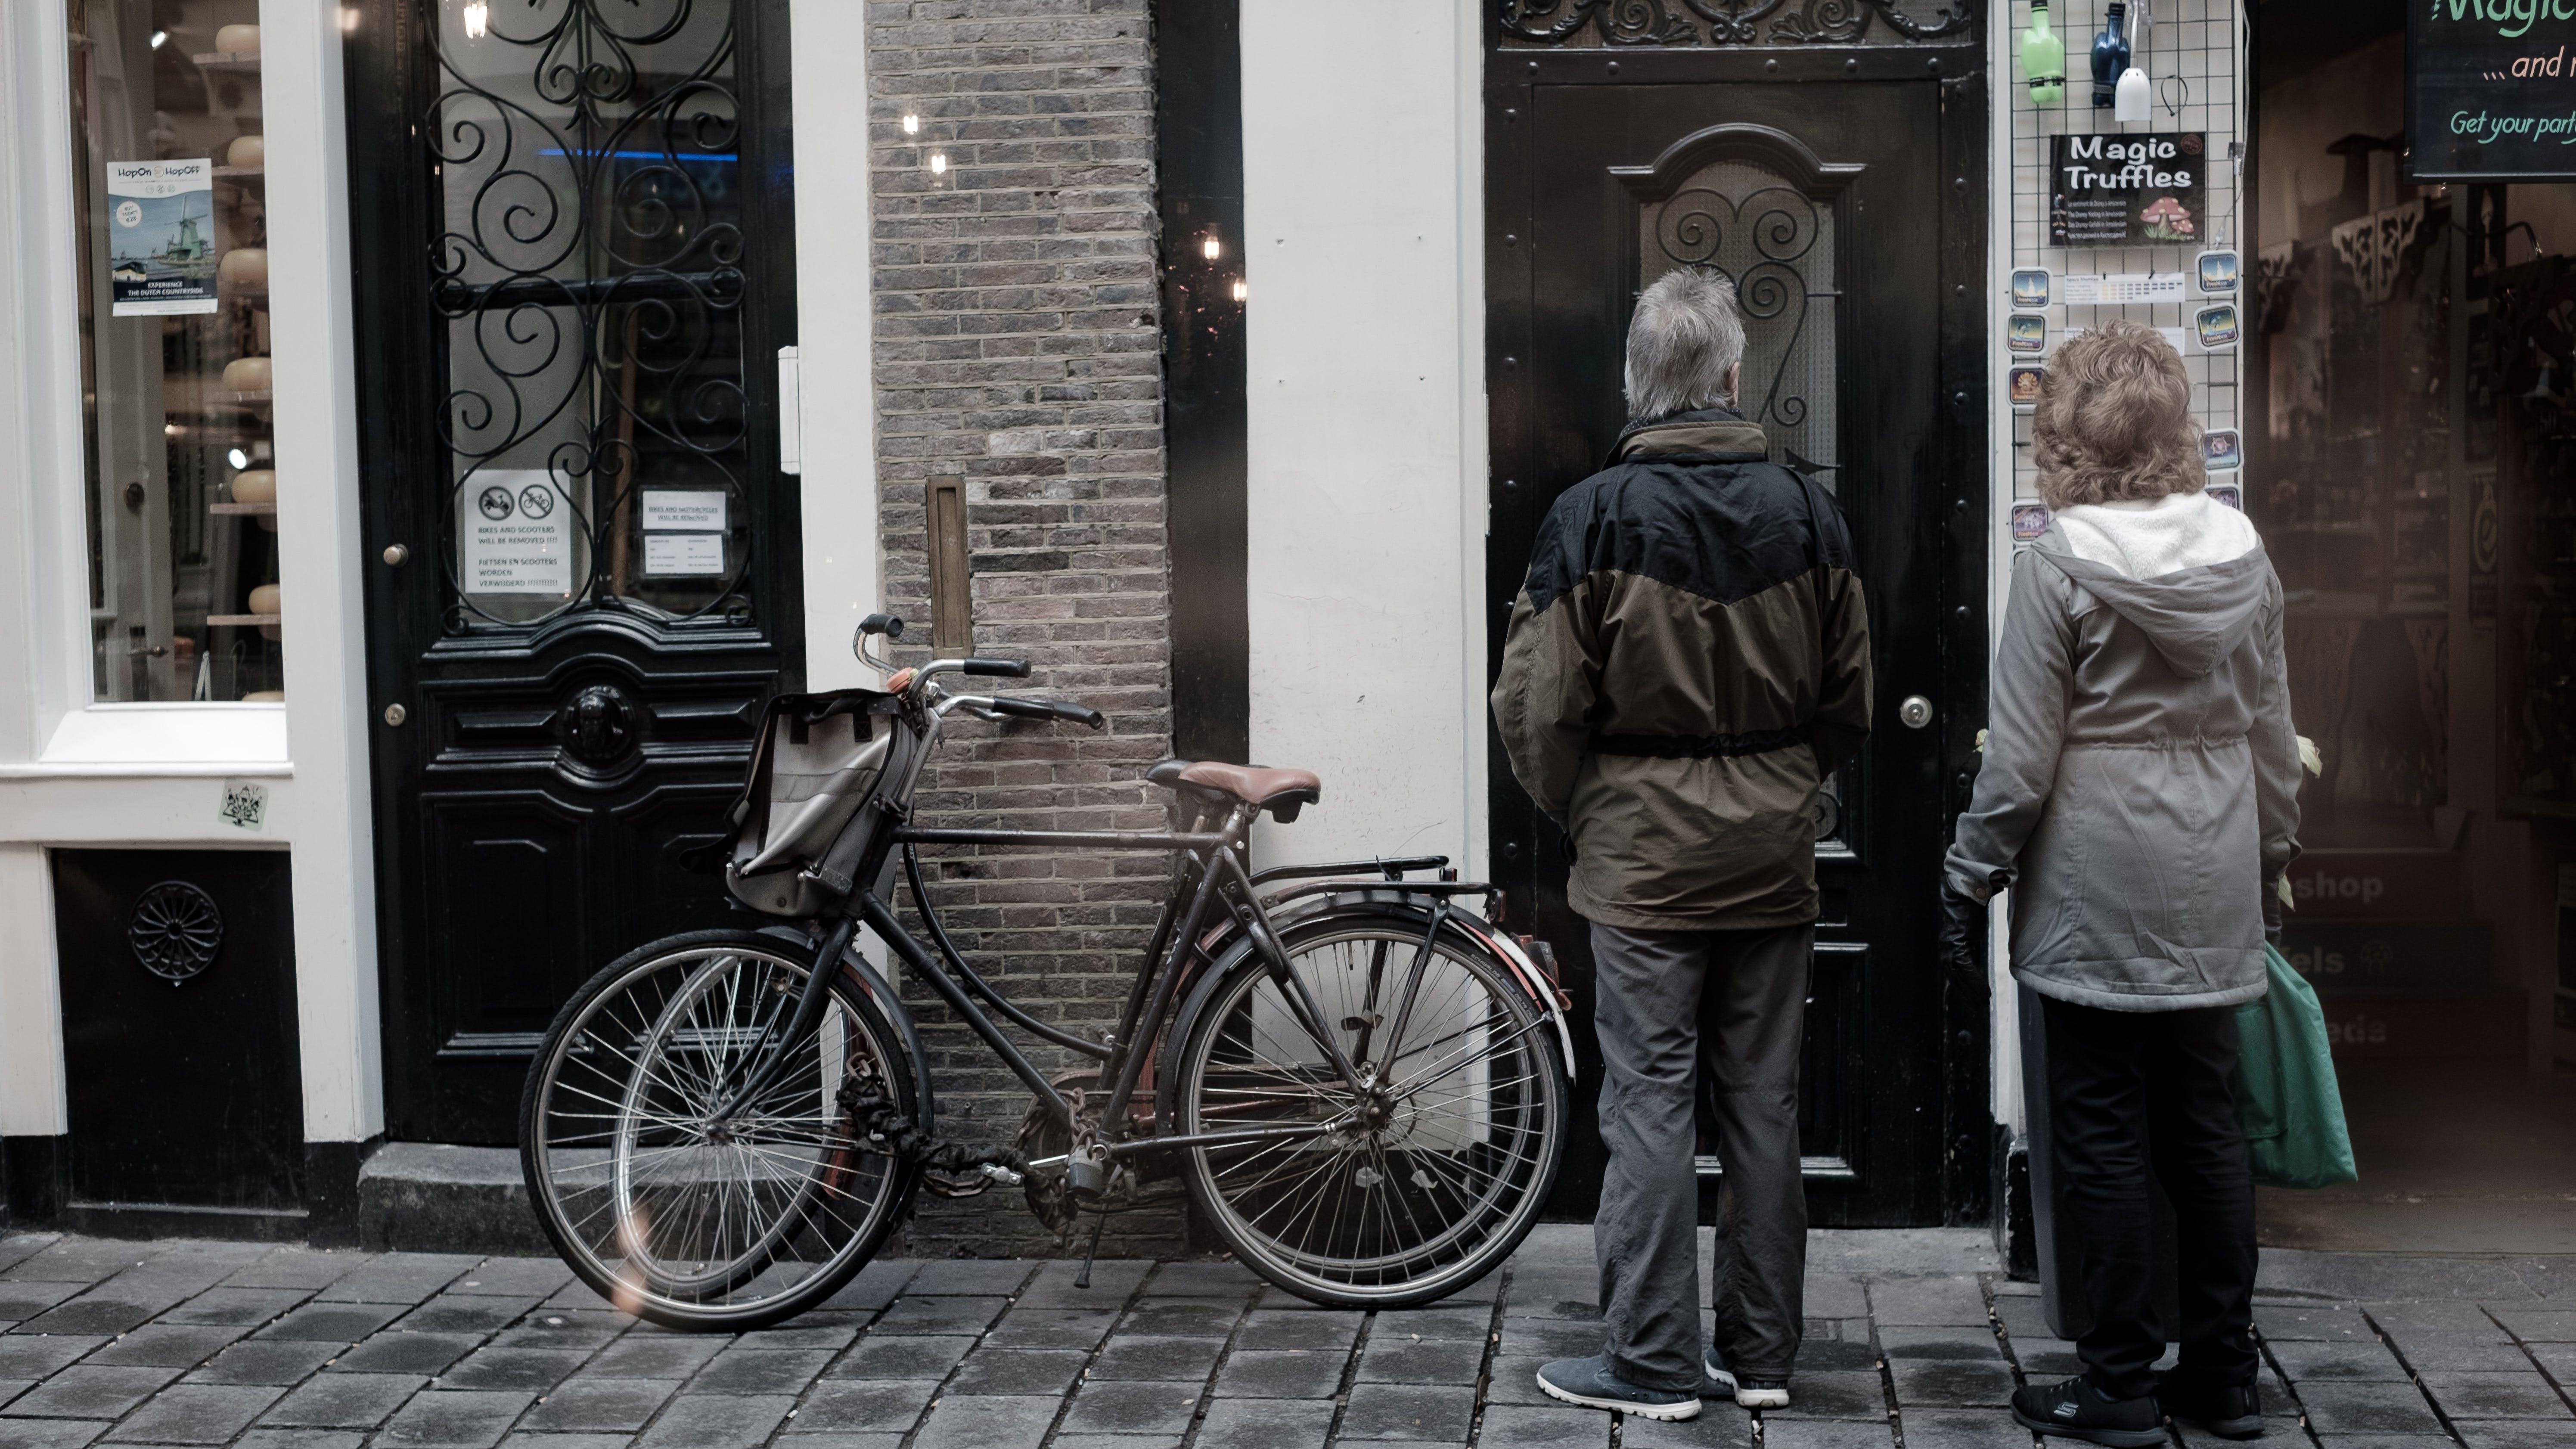 Fotos de stock gratuitas de 35 mm, amsterdam, calle, fotografía callejera